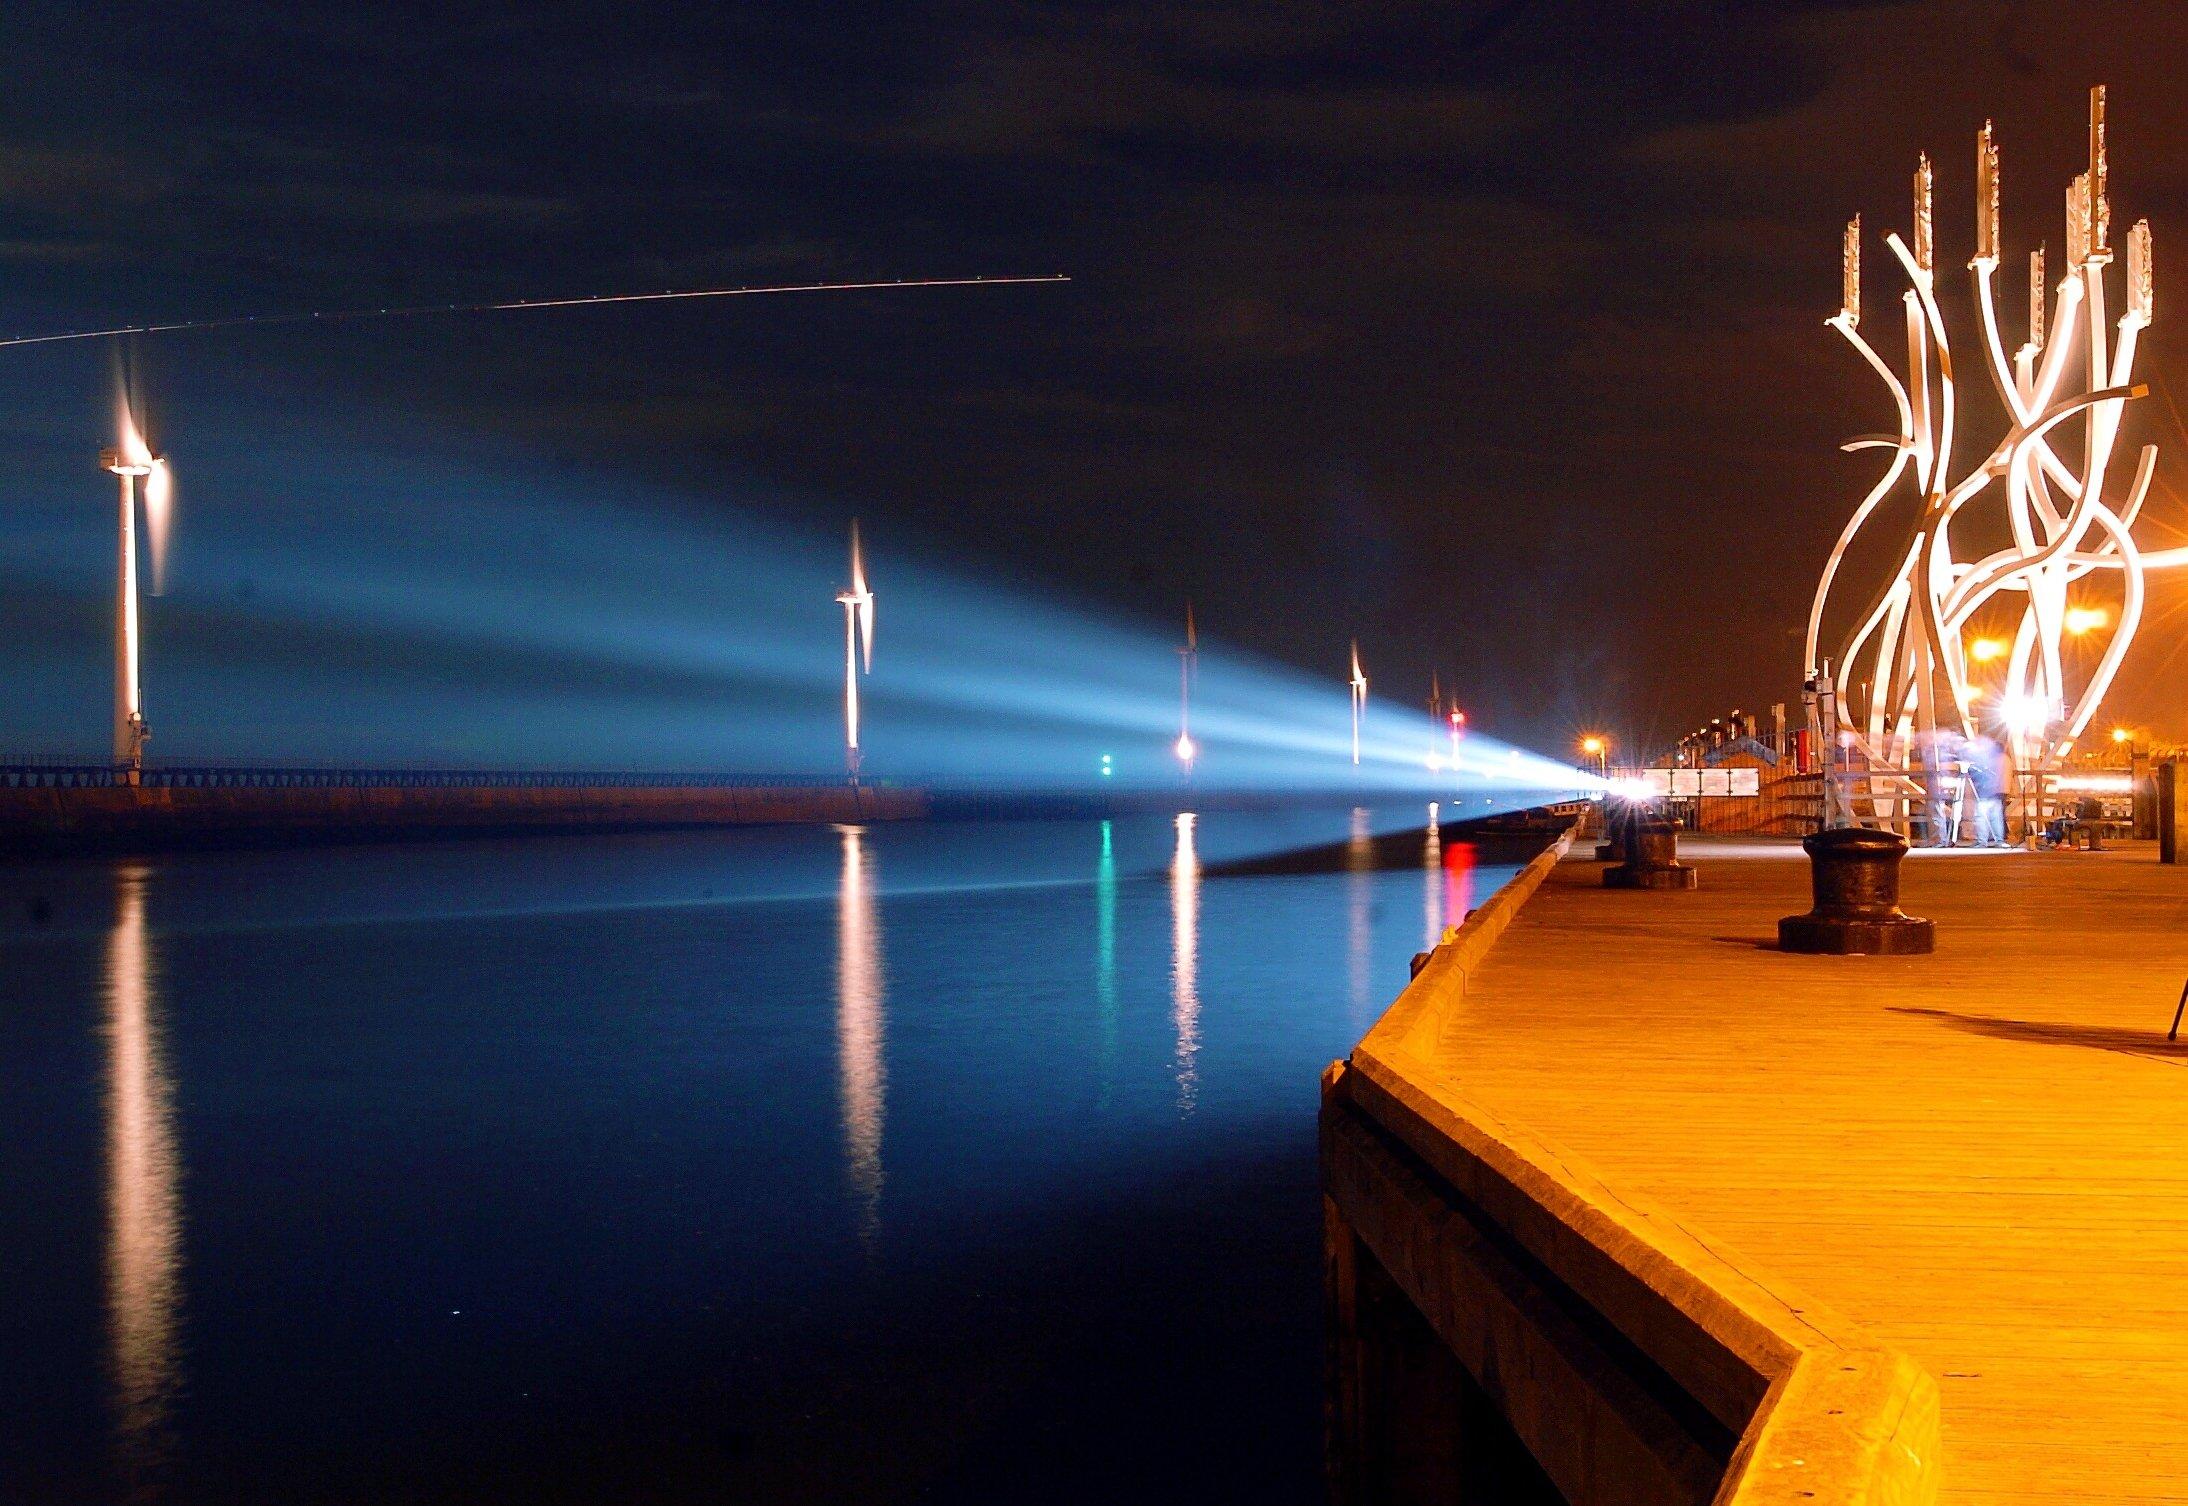 pgi_SE Team2 Blyth at night.jpg